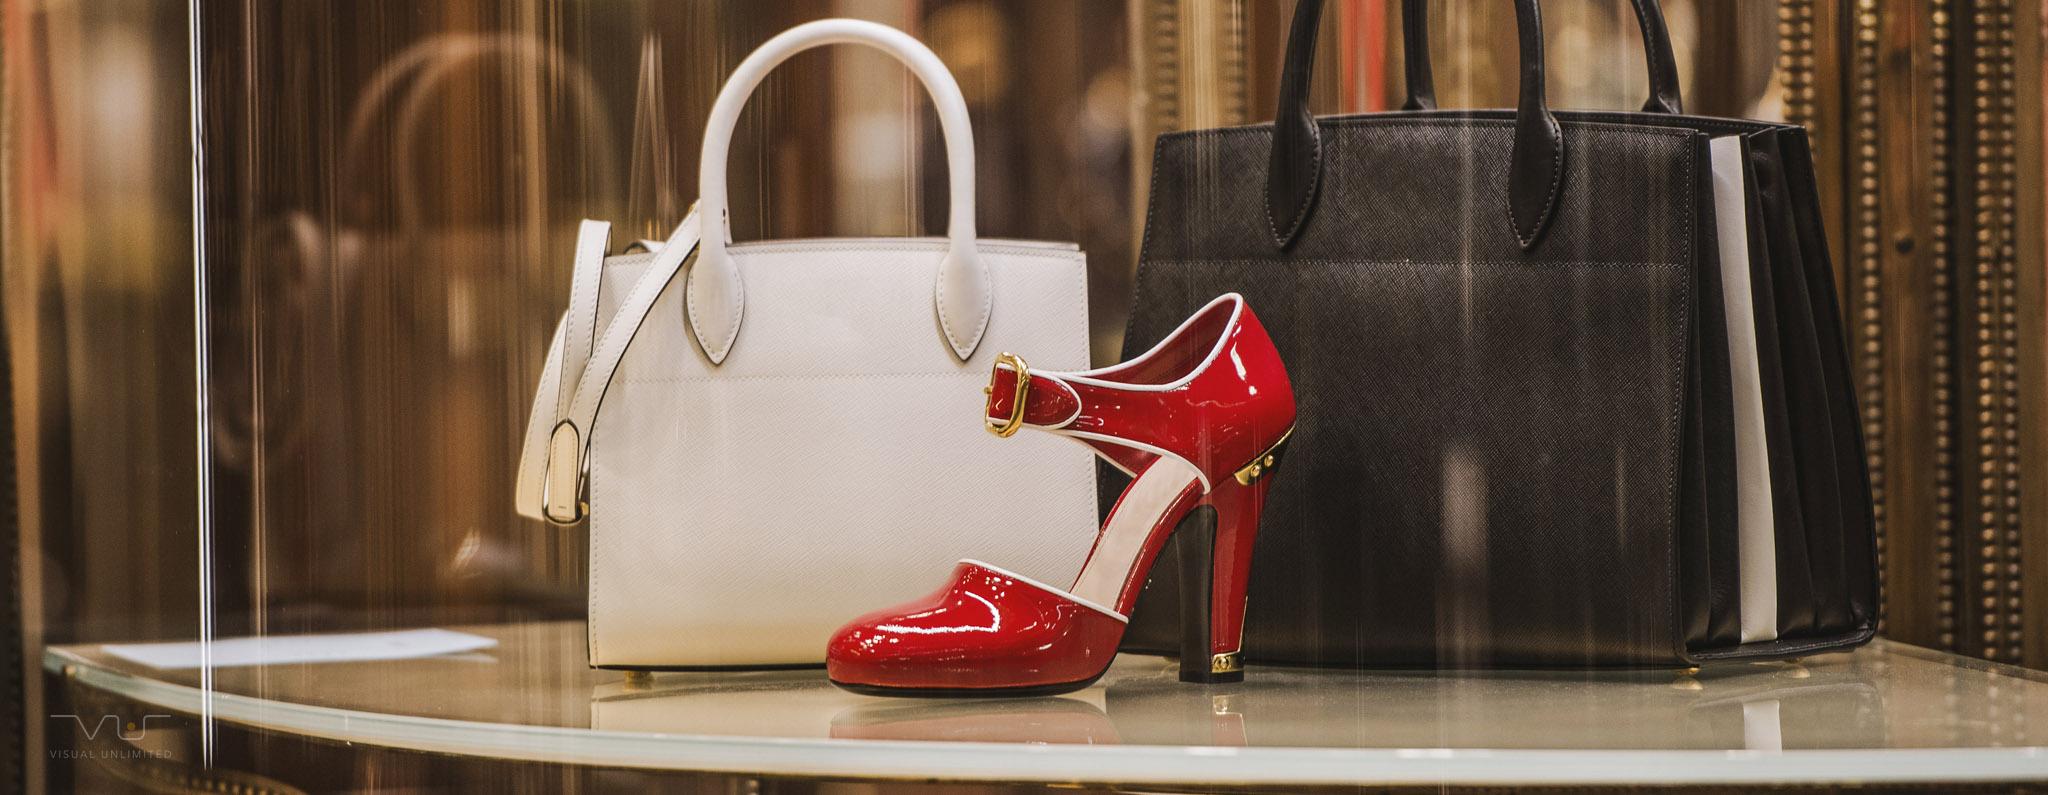 Bilder VU Header Photography 16 Roter High Heel - Red Shoe